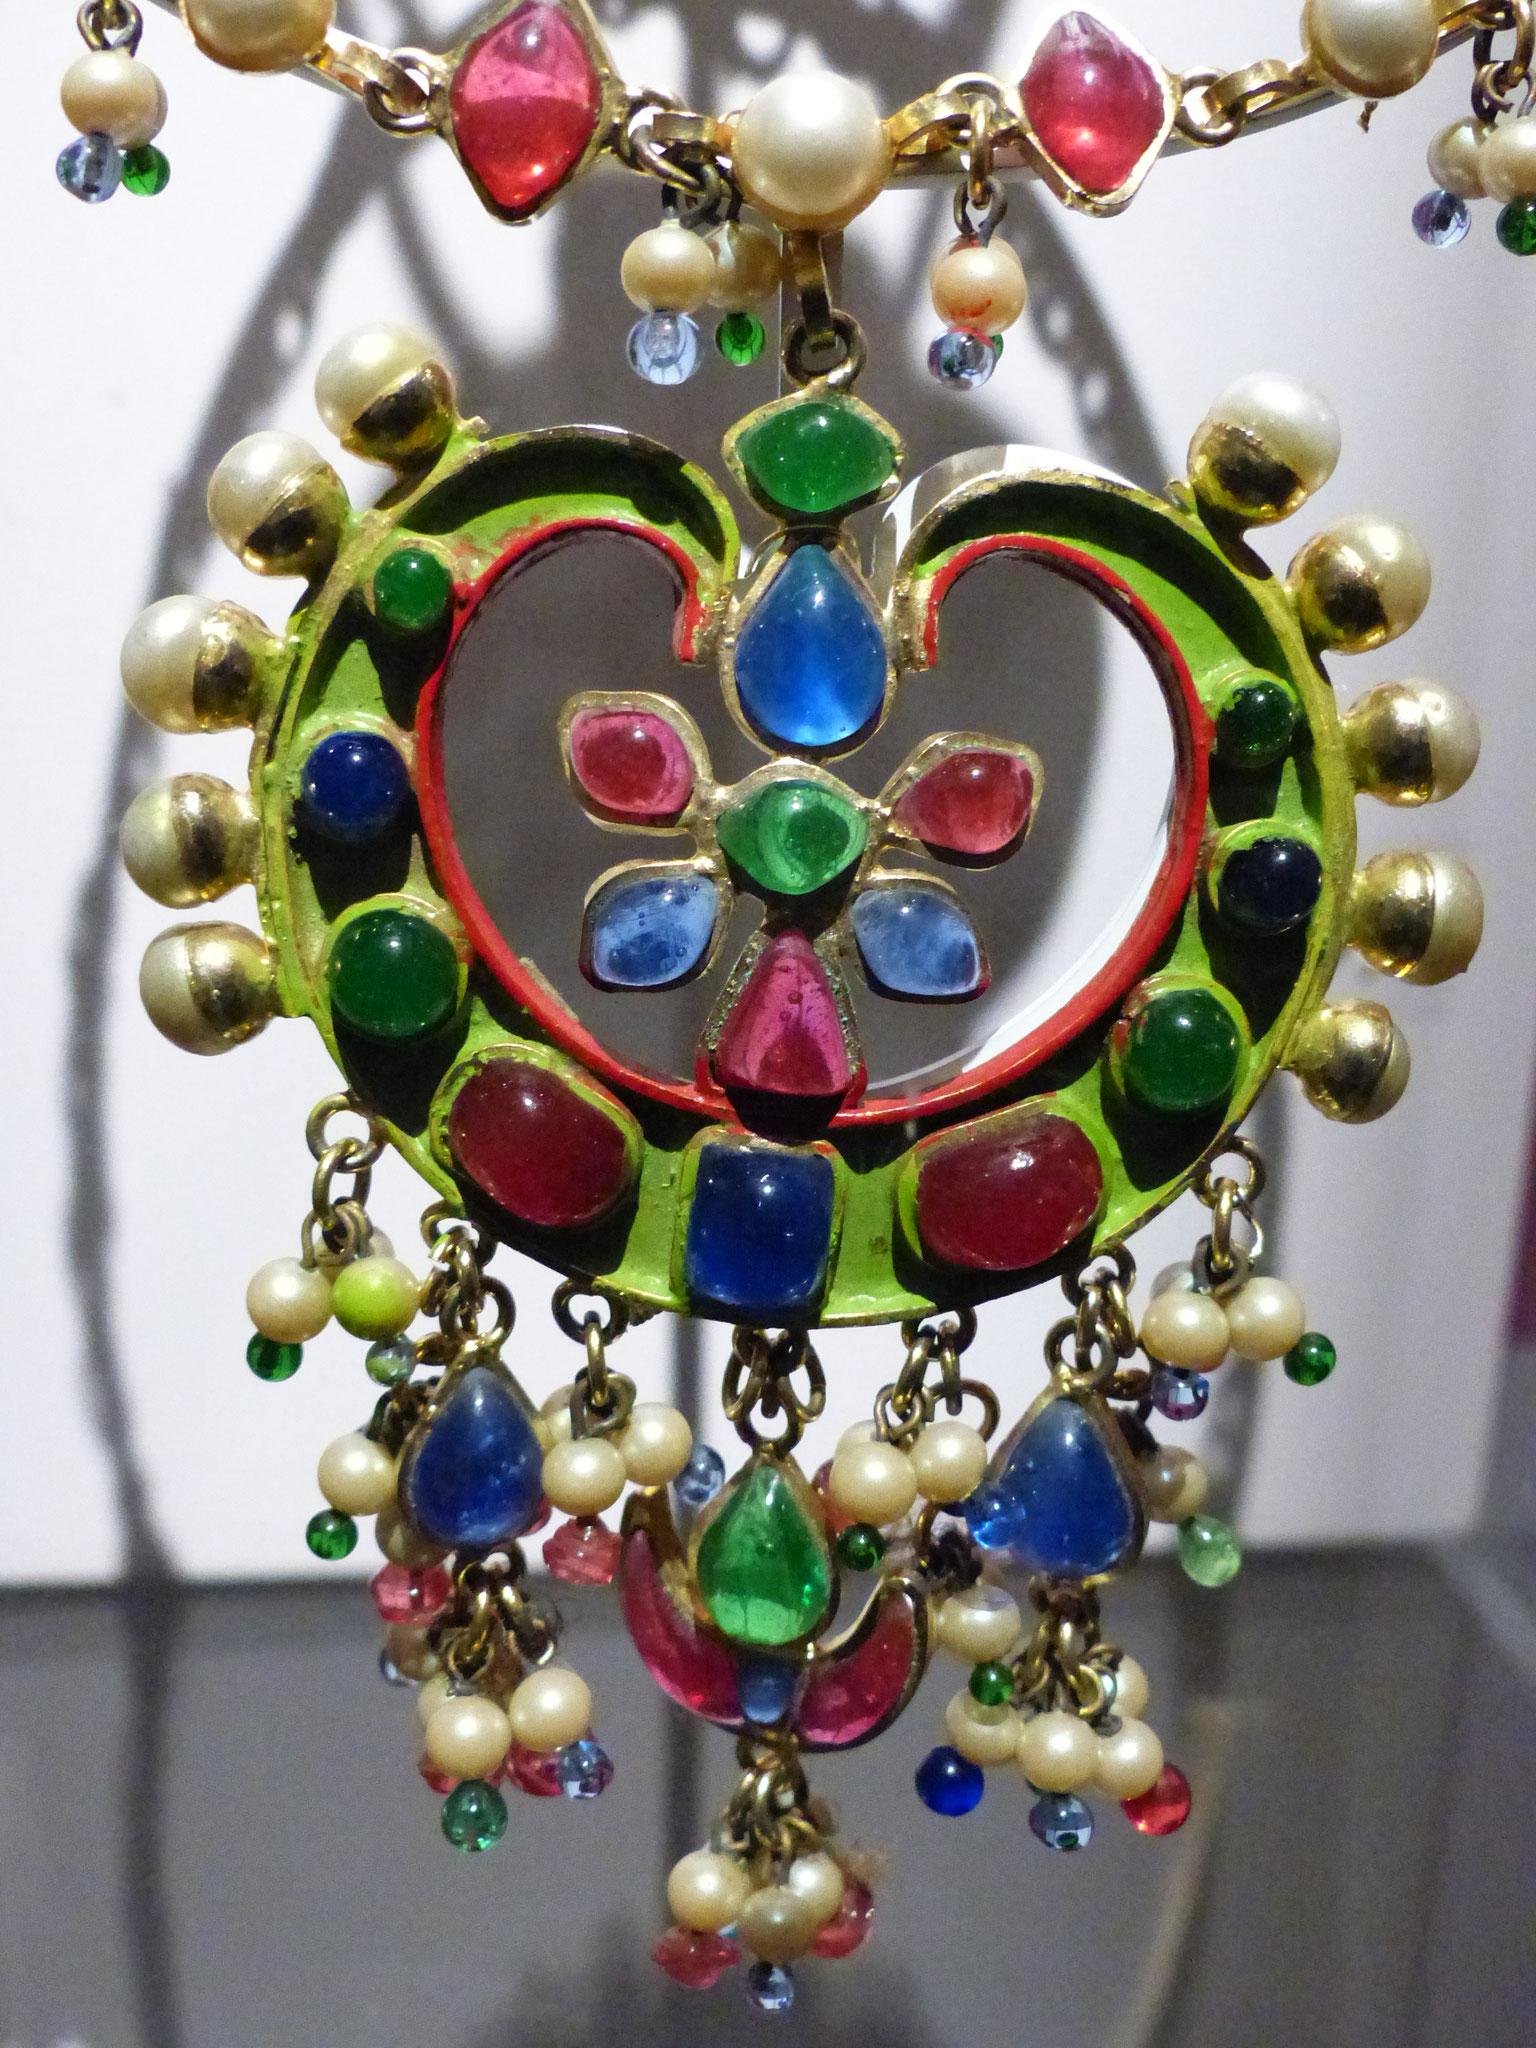 Chaine de métal doré et éléments de pâte de verre et de perles